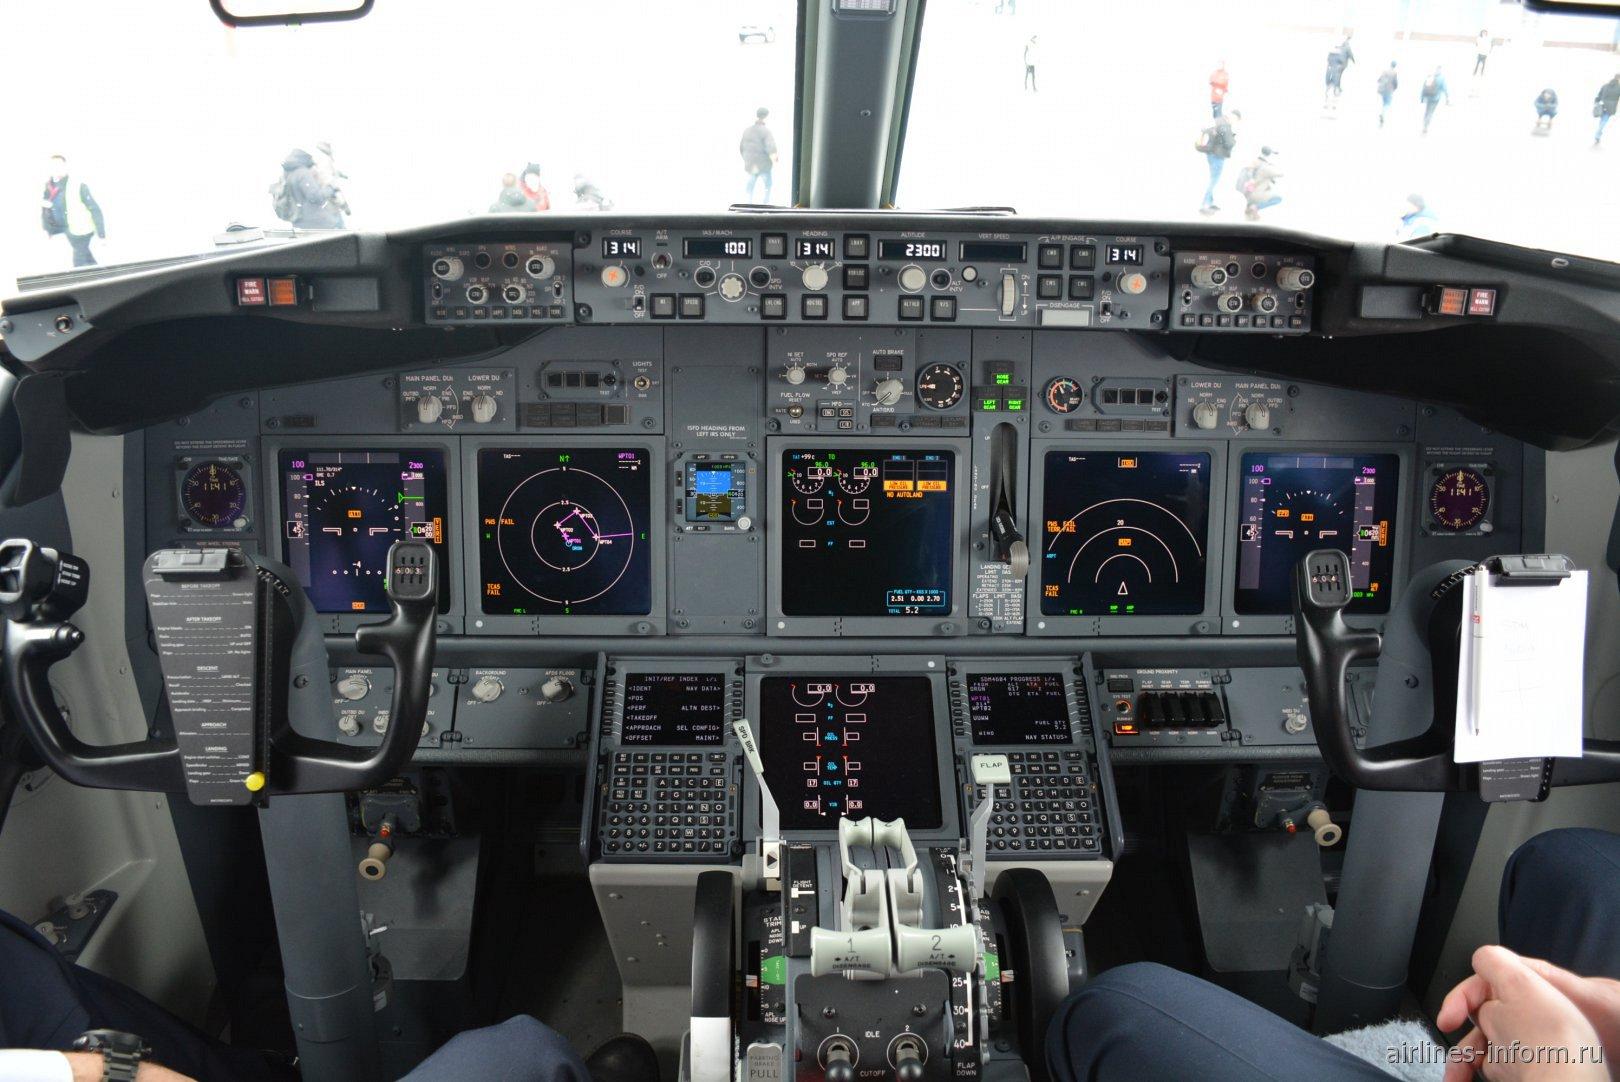 Приборная панель в Боинге-737-800 авиакомпании